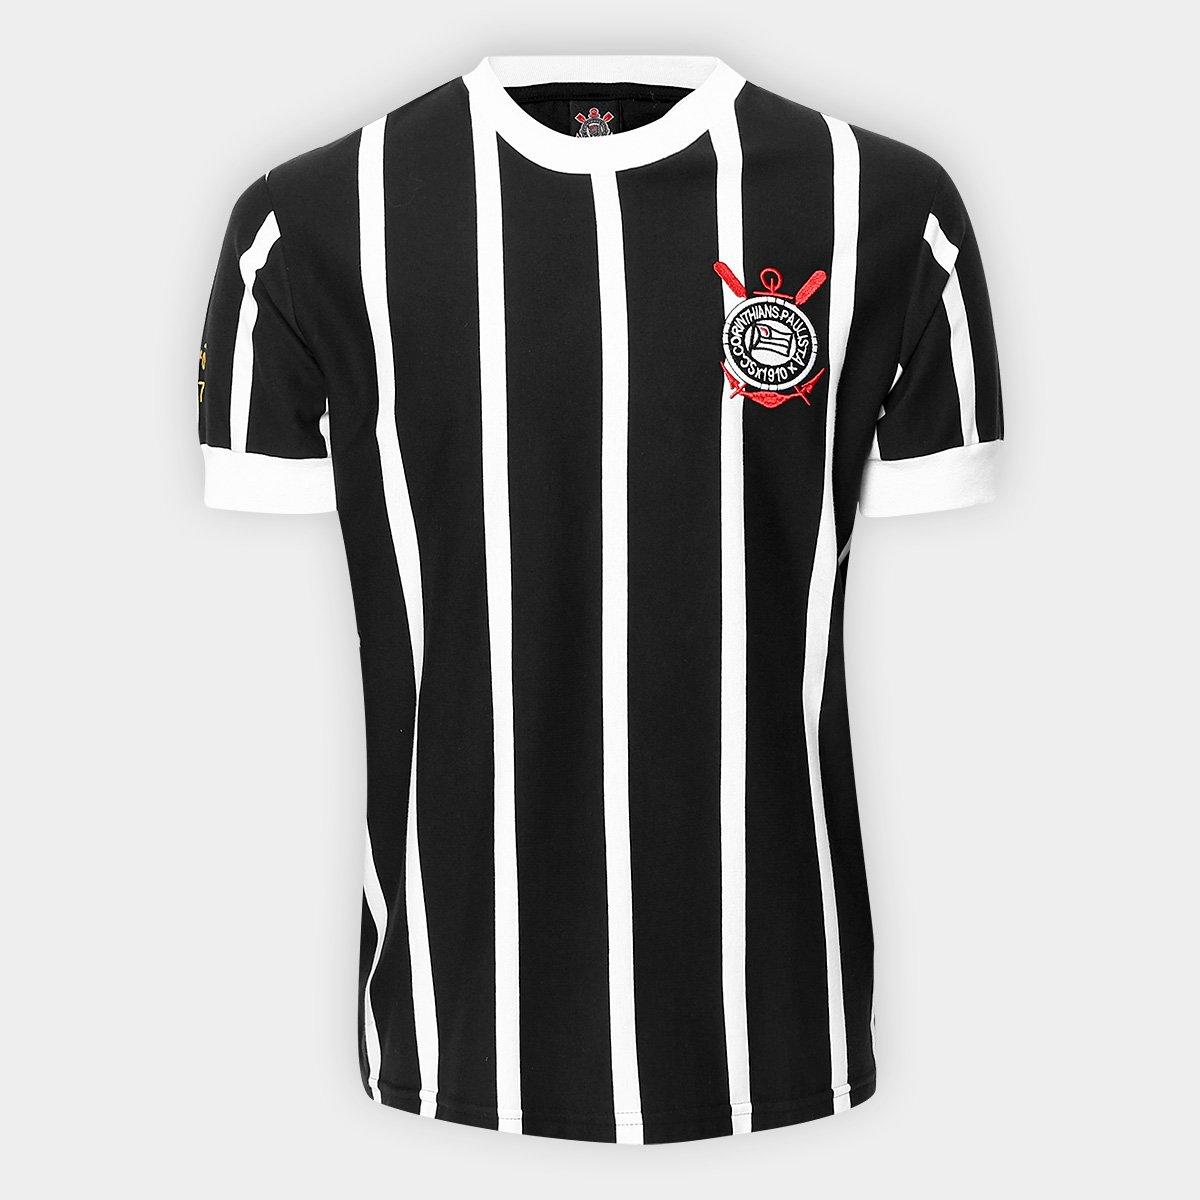 Camisa Retrô Corinthians Réplica 1977 Masculina - Compre Agora ... 84a598589f54e